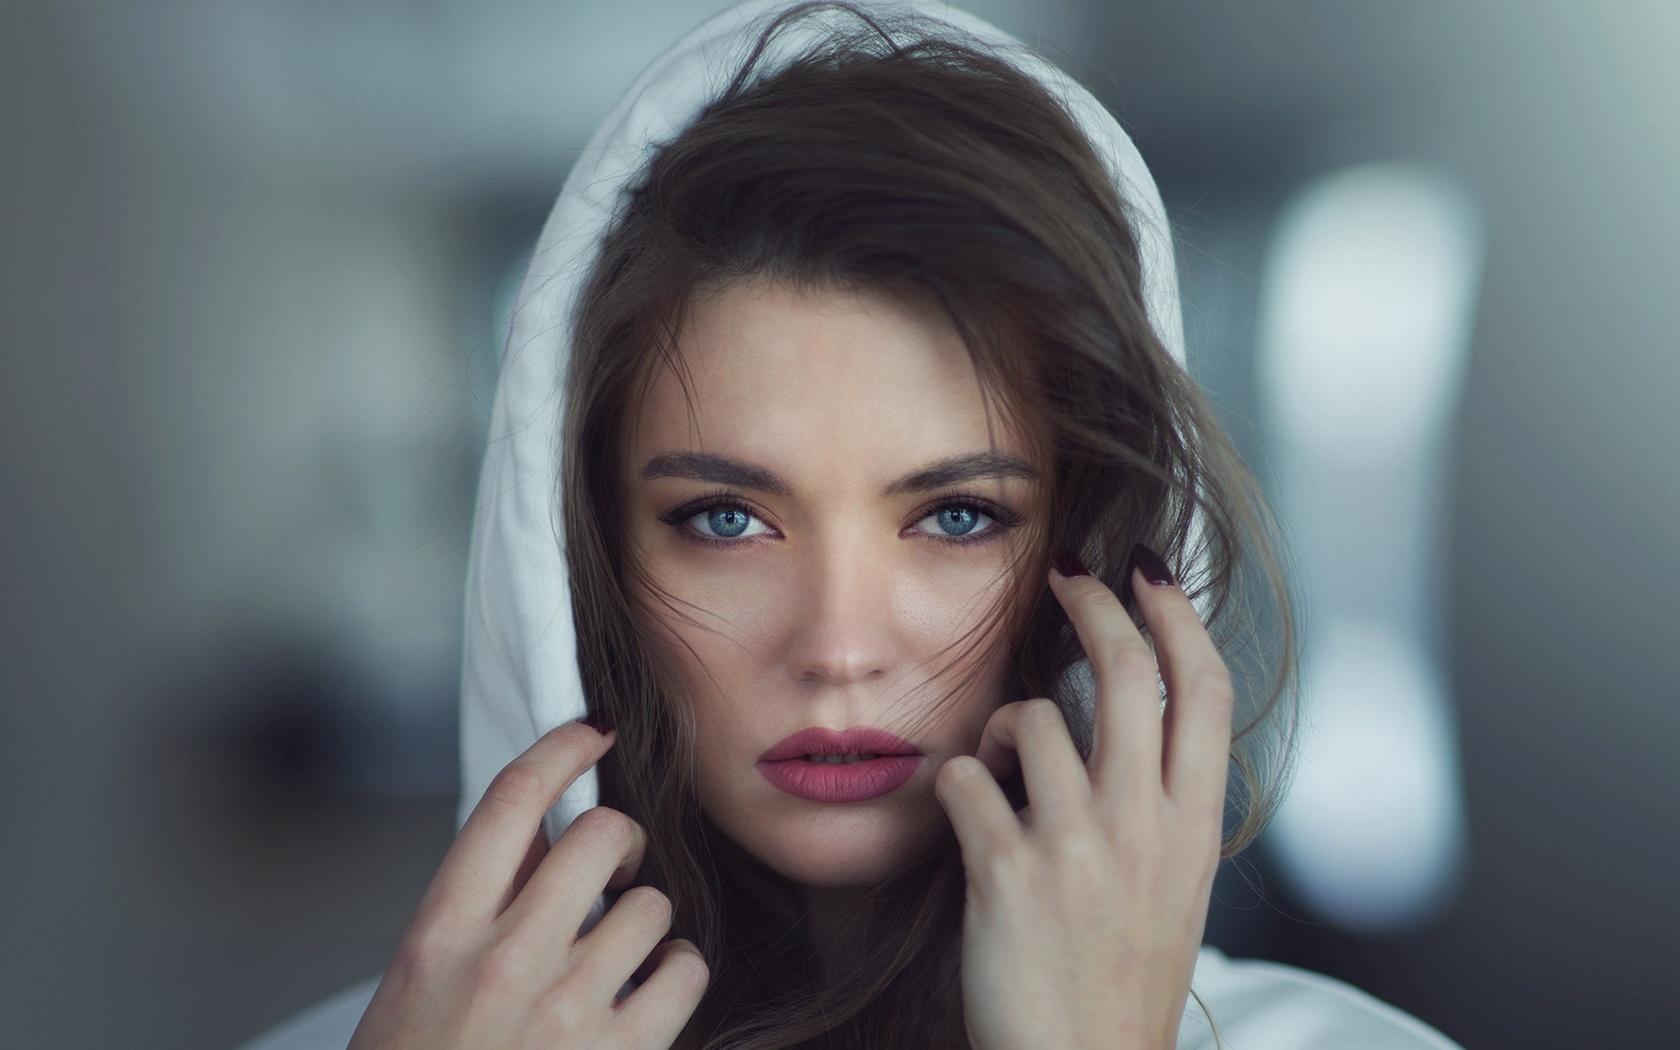 девушка, лицо, руки, взгляд